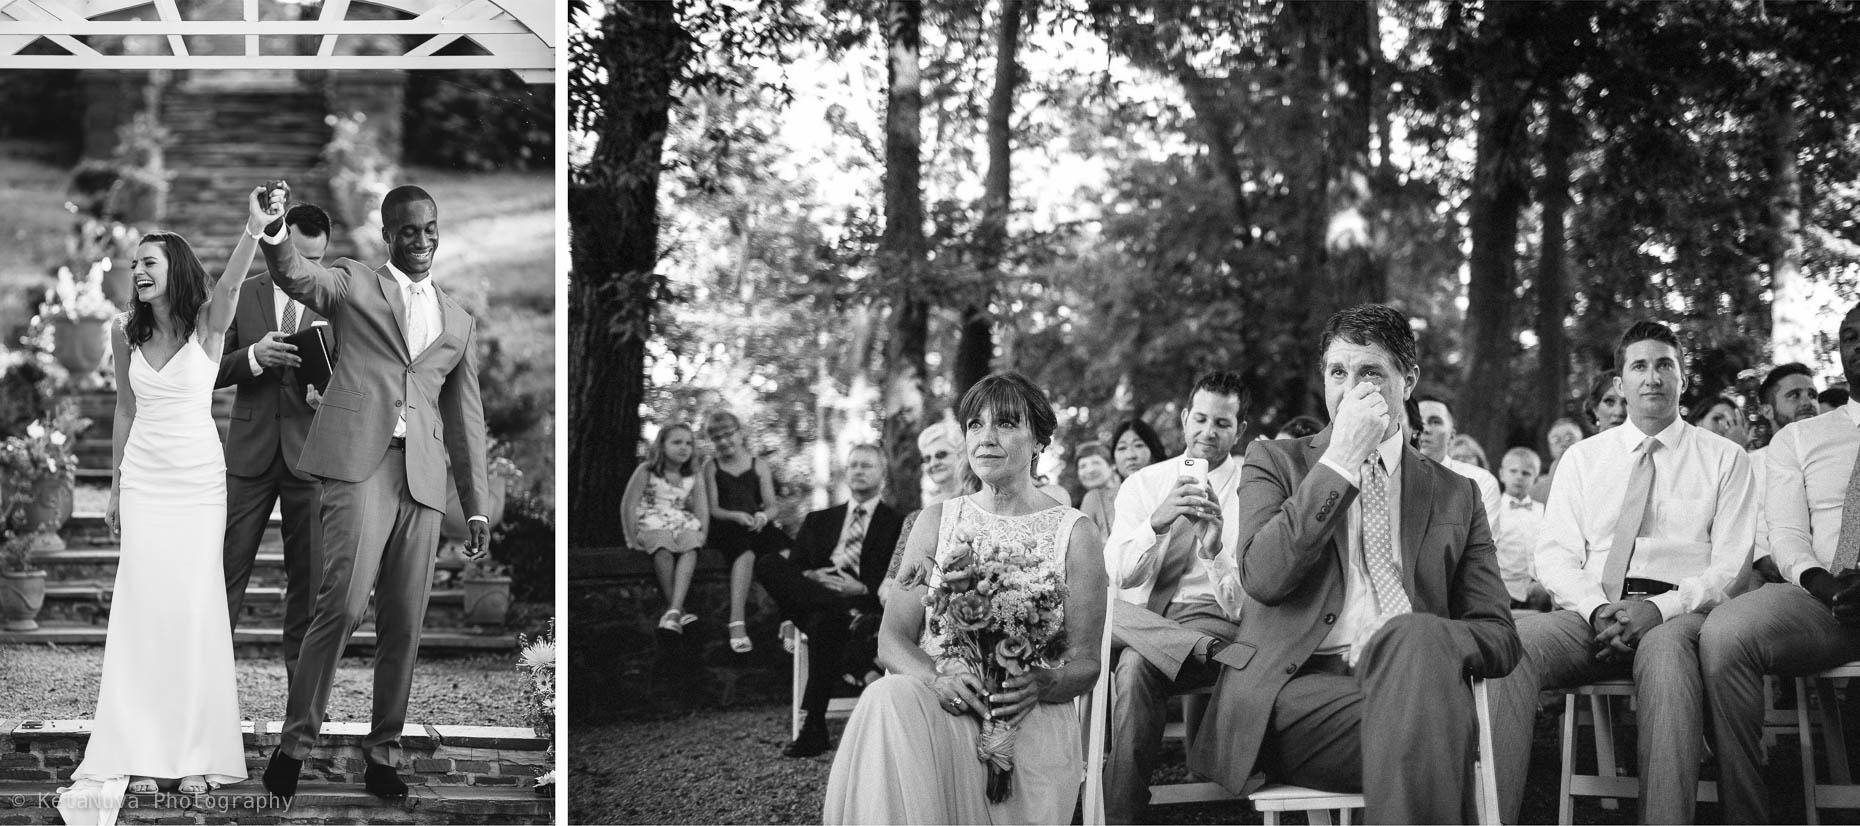 Sunken Garden - Lauxmont Farms Wedding | Aubrey & Barrett Lauxmont Farms Wedding Sunken Garden 001